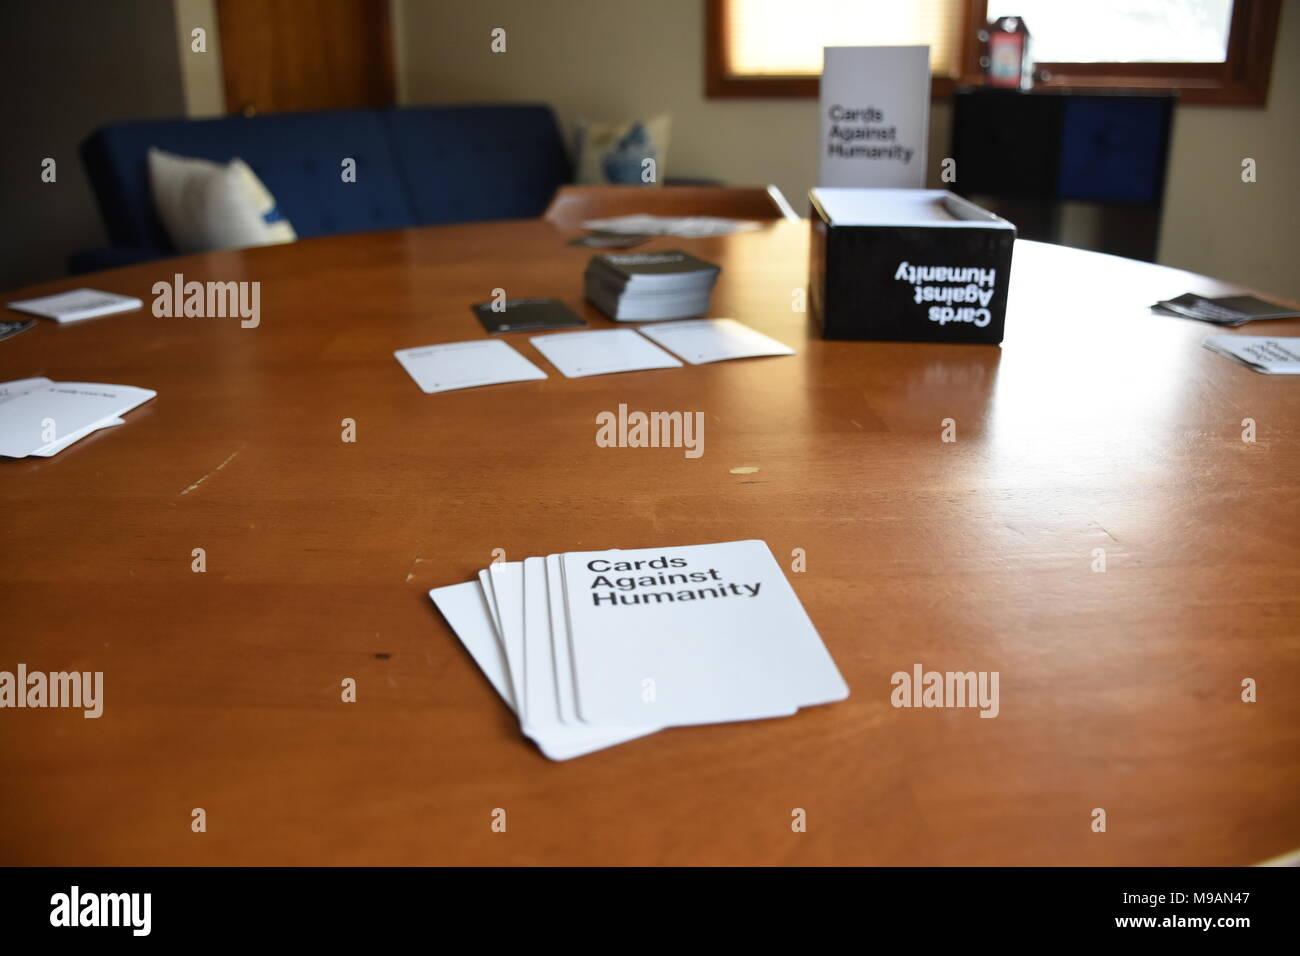 Karten gegen die Menschlichkeit in Spielen Stockbild